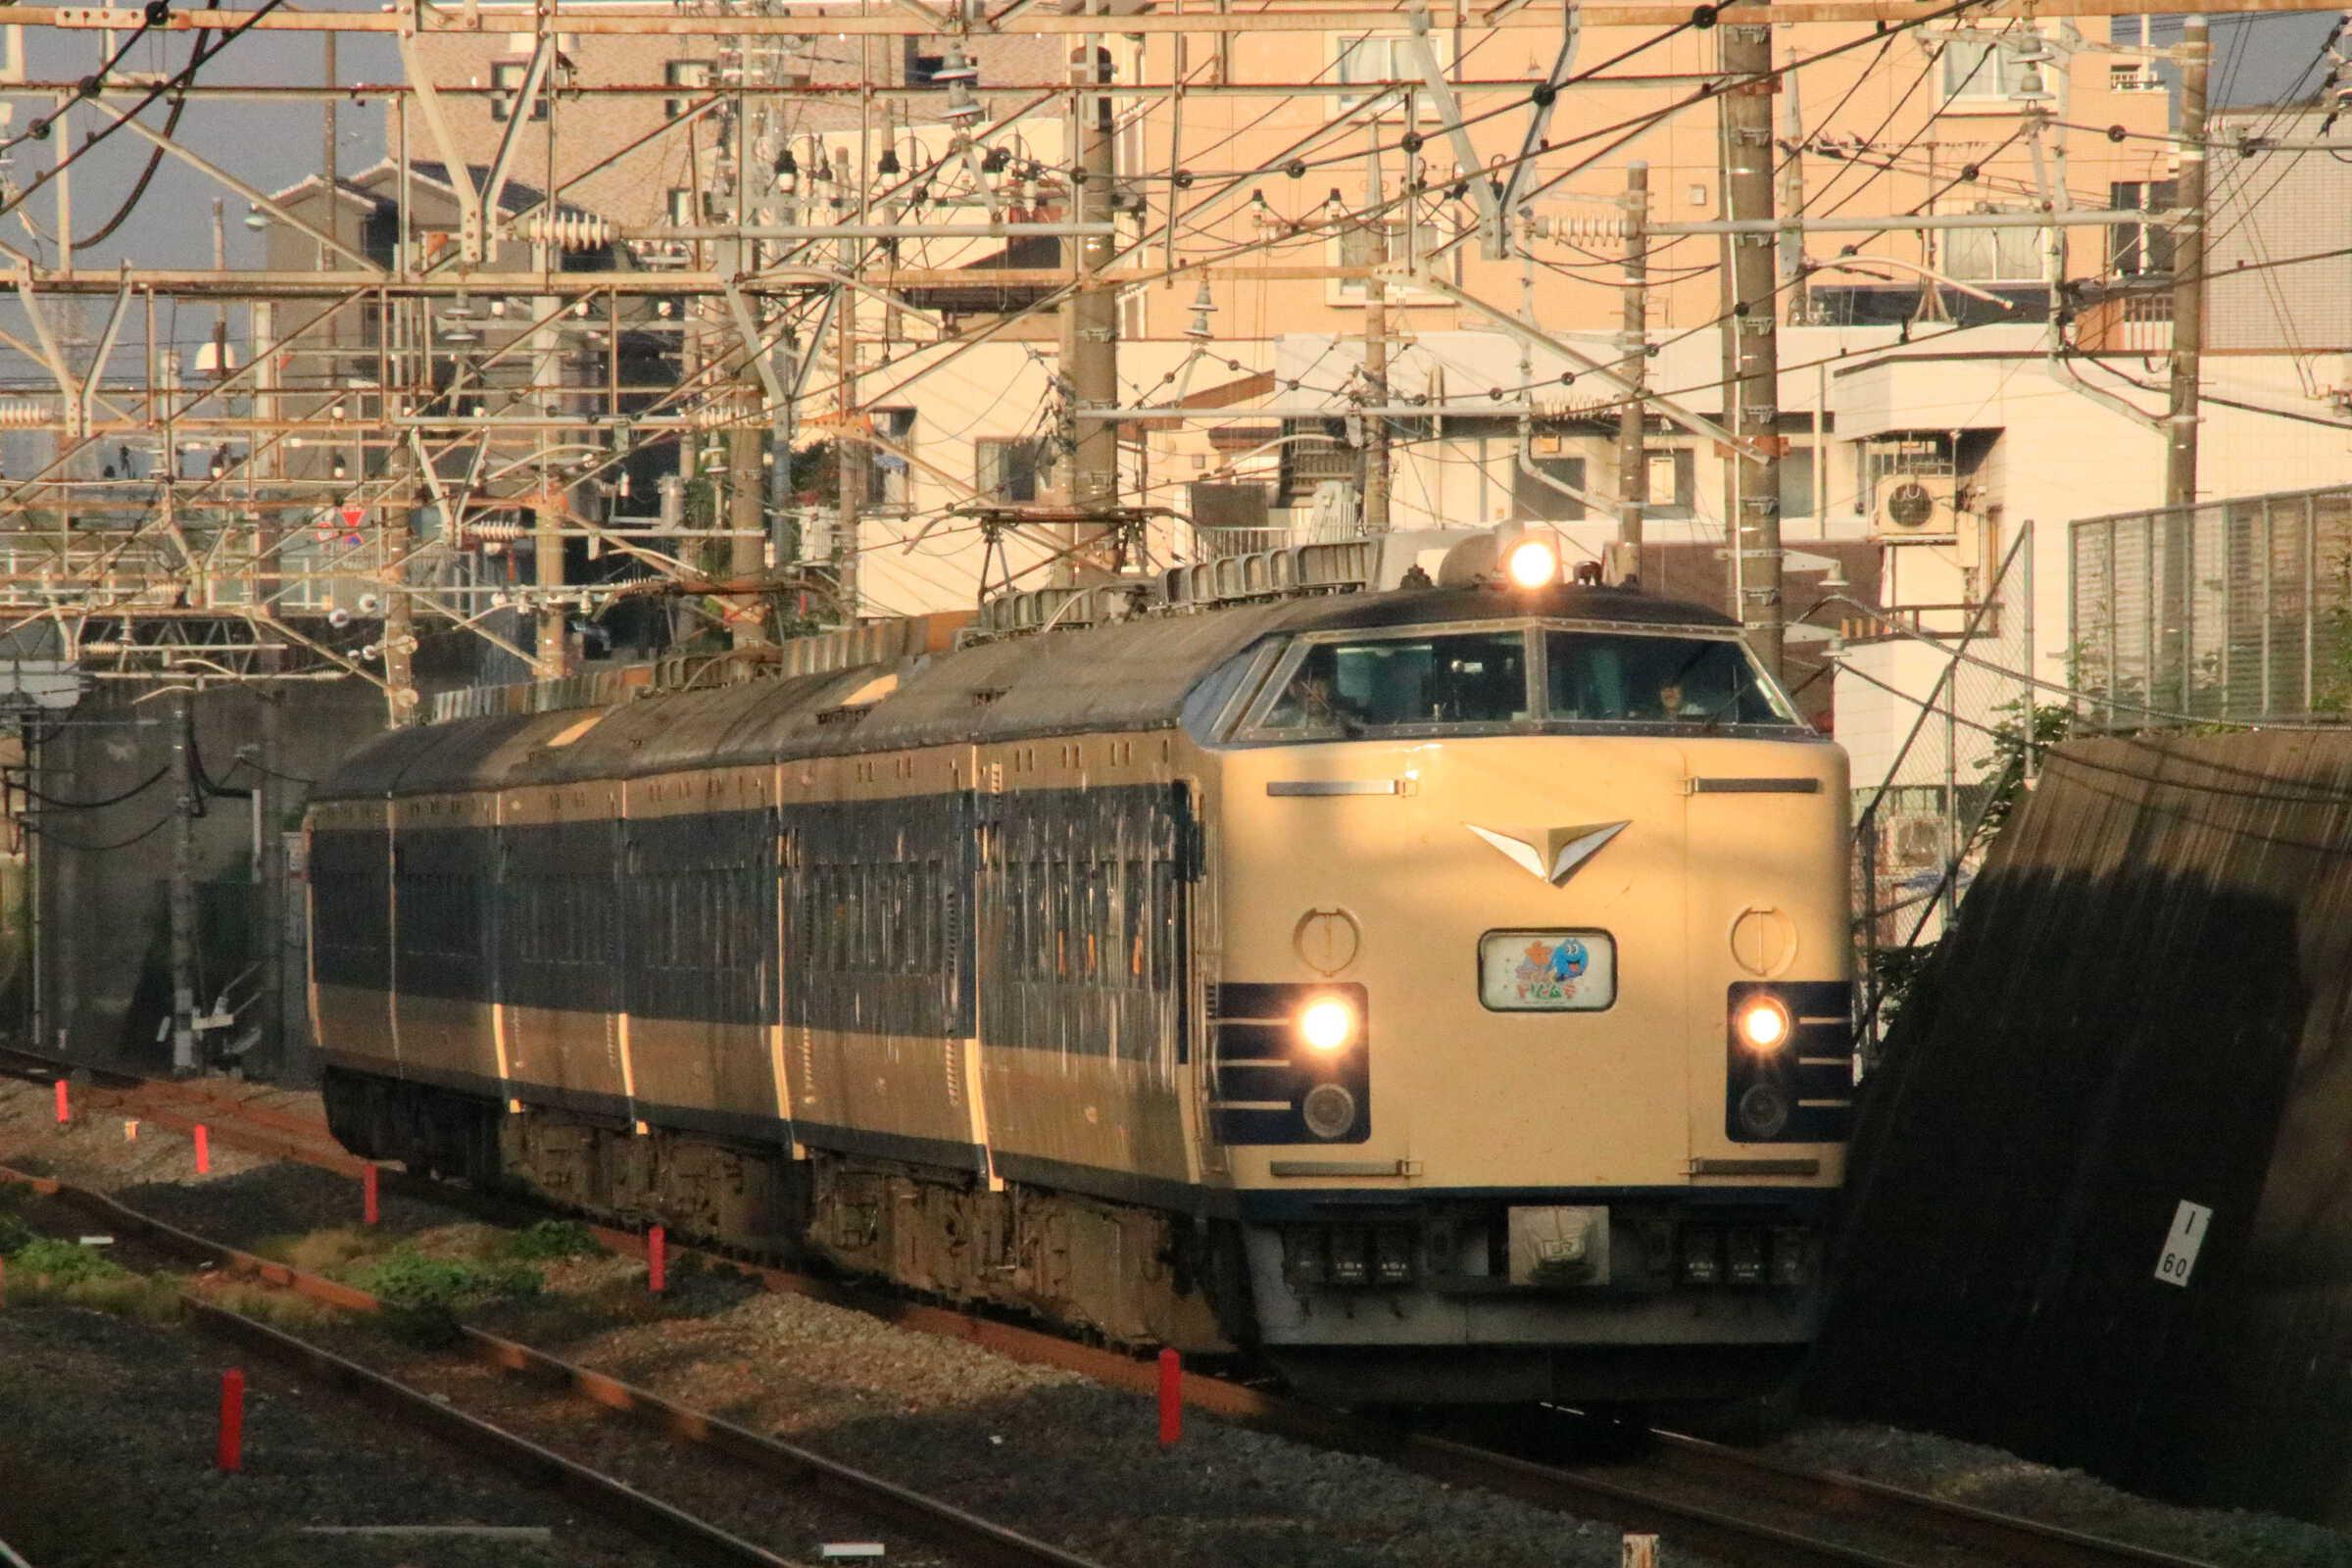 9745M 団臨(秋901, 青森→東京(舞浜)) わくわくドリーム号 583系 秋アキN1+N2編成